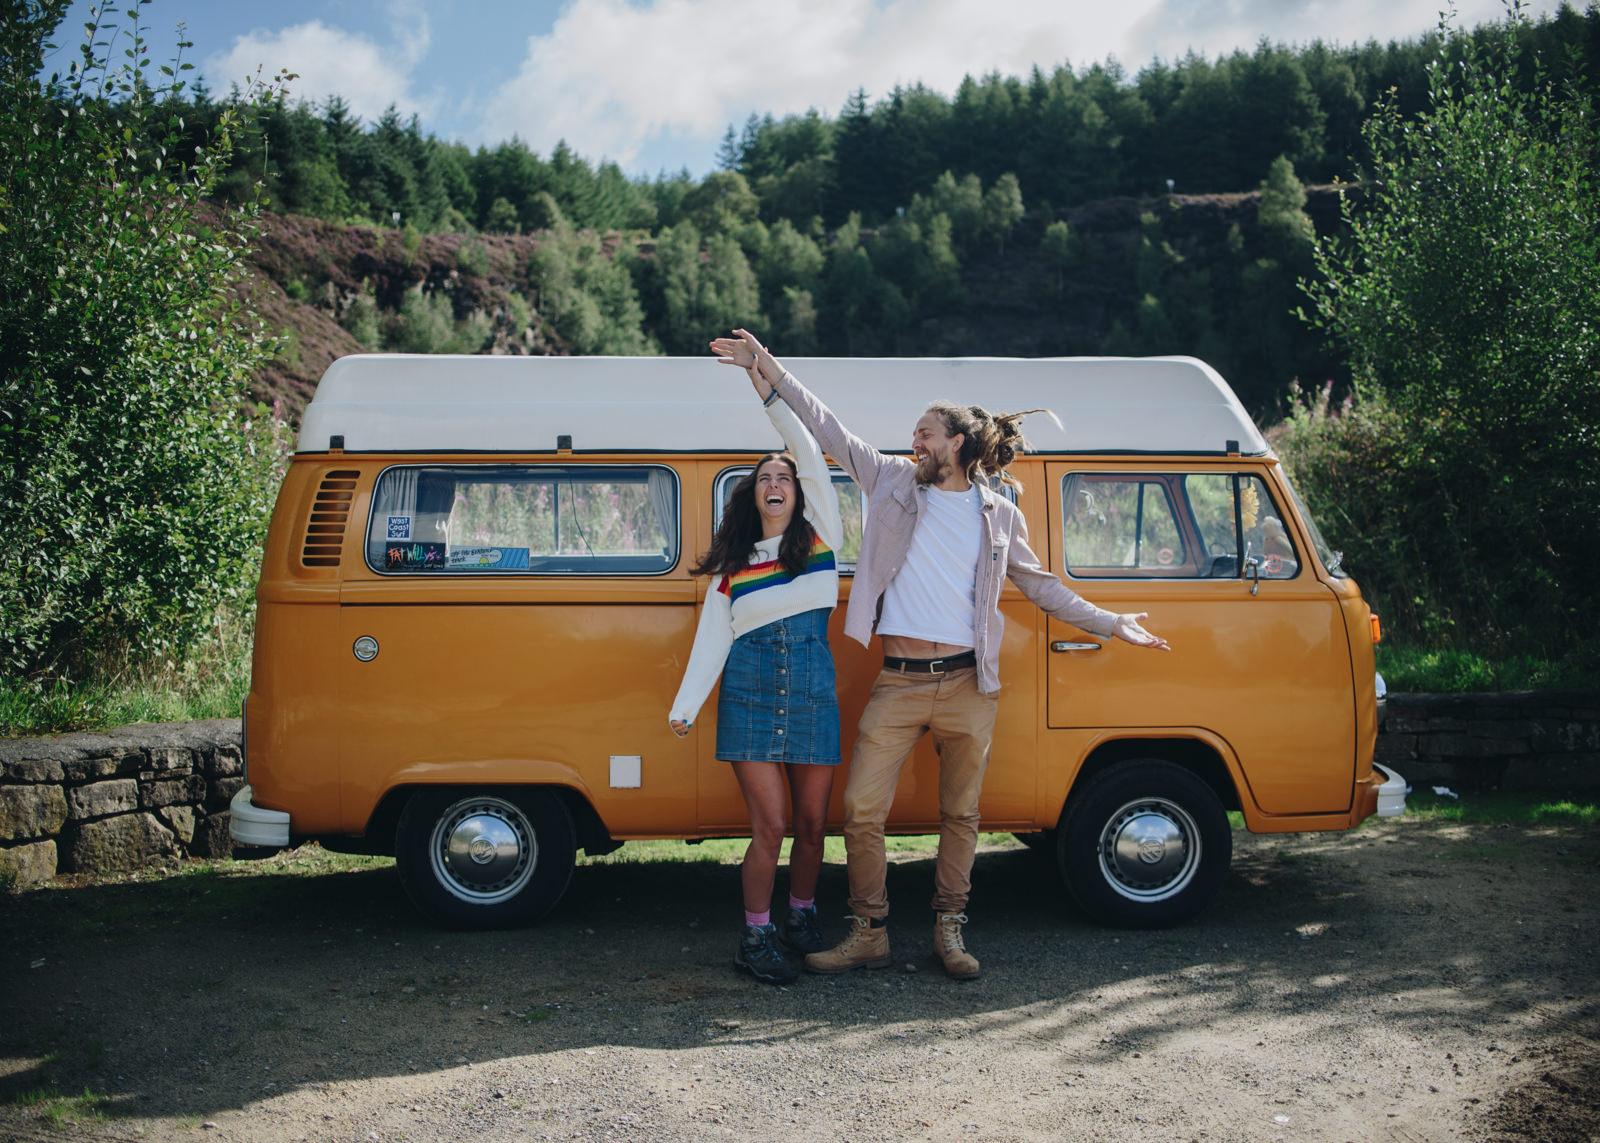 VW Campervan Engagement Session